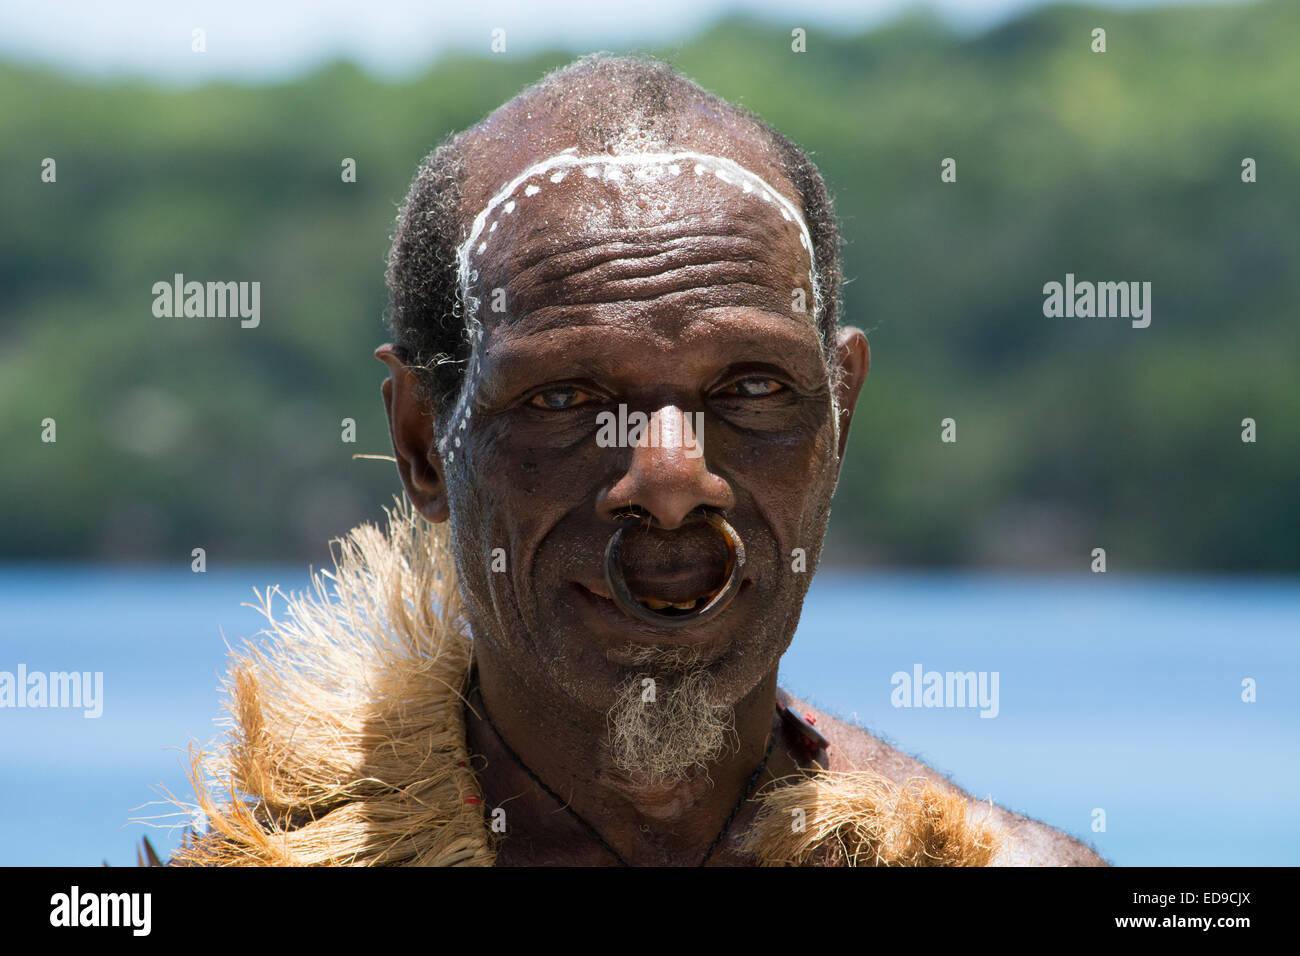 Melanesia, Solomon Islands, Santa Cruz Island group, Malo Island. Portrait of male village elder in native attire Stock Photo